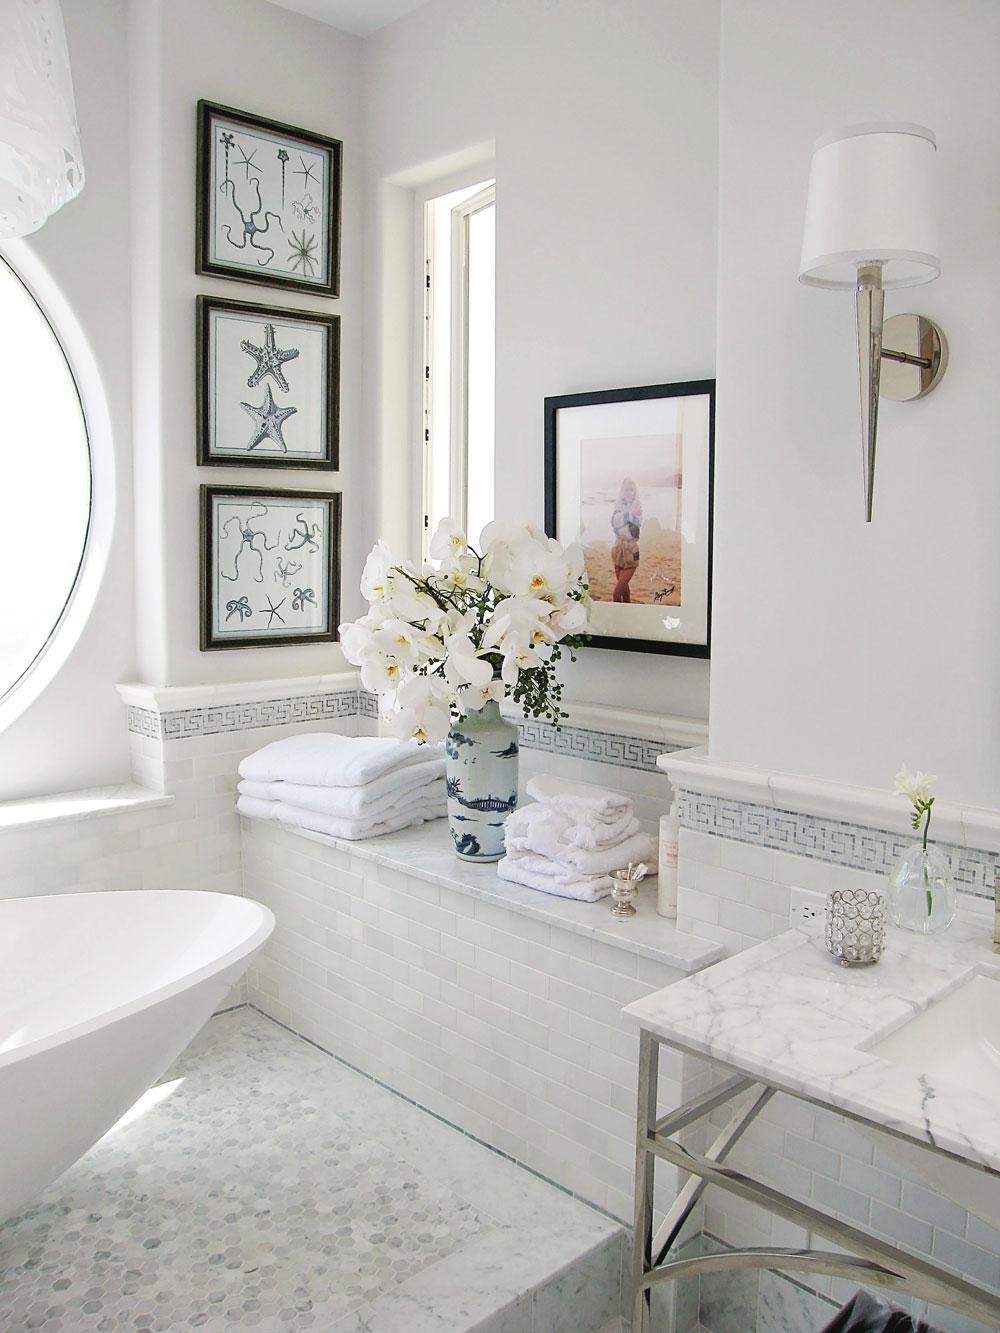 2-bathroom-tiled-floor-bathtub-dee-carawan.jpg